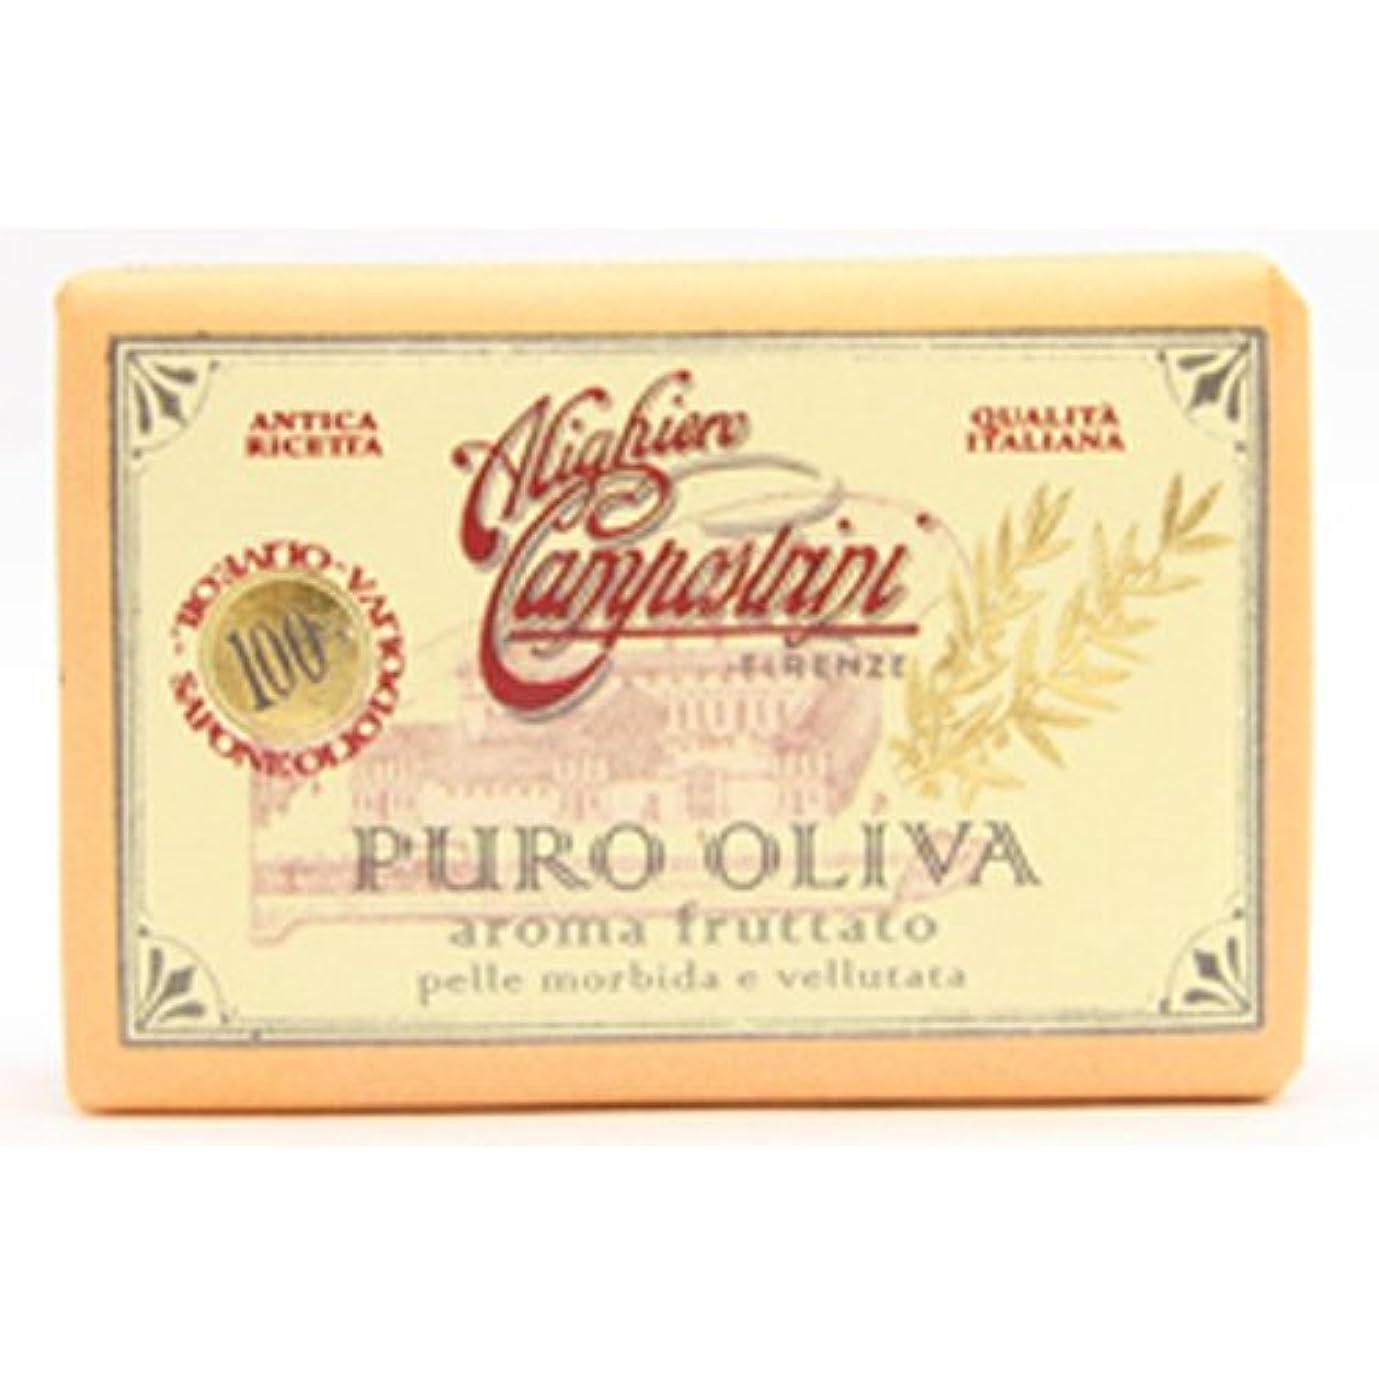 合併大聖堂お別れSaponerire Fissi サポネリーフィッシー PURO OLIVA Soap オリーブオイル ピュロ ソープ Aroma fruttato フルーツ(オレンジ)